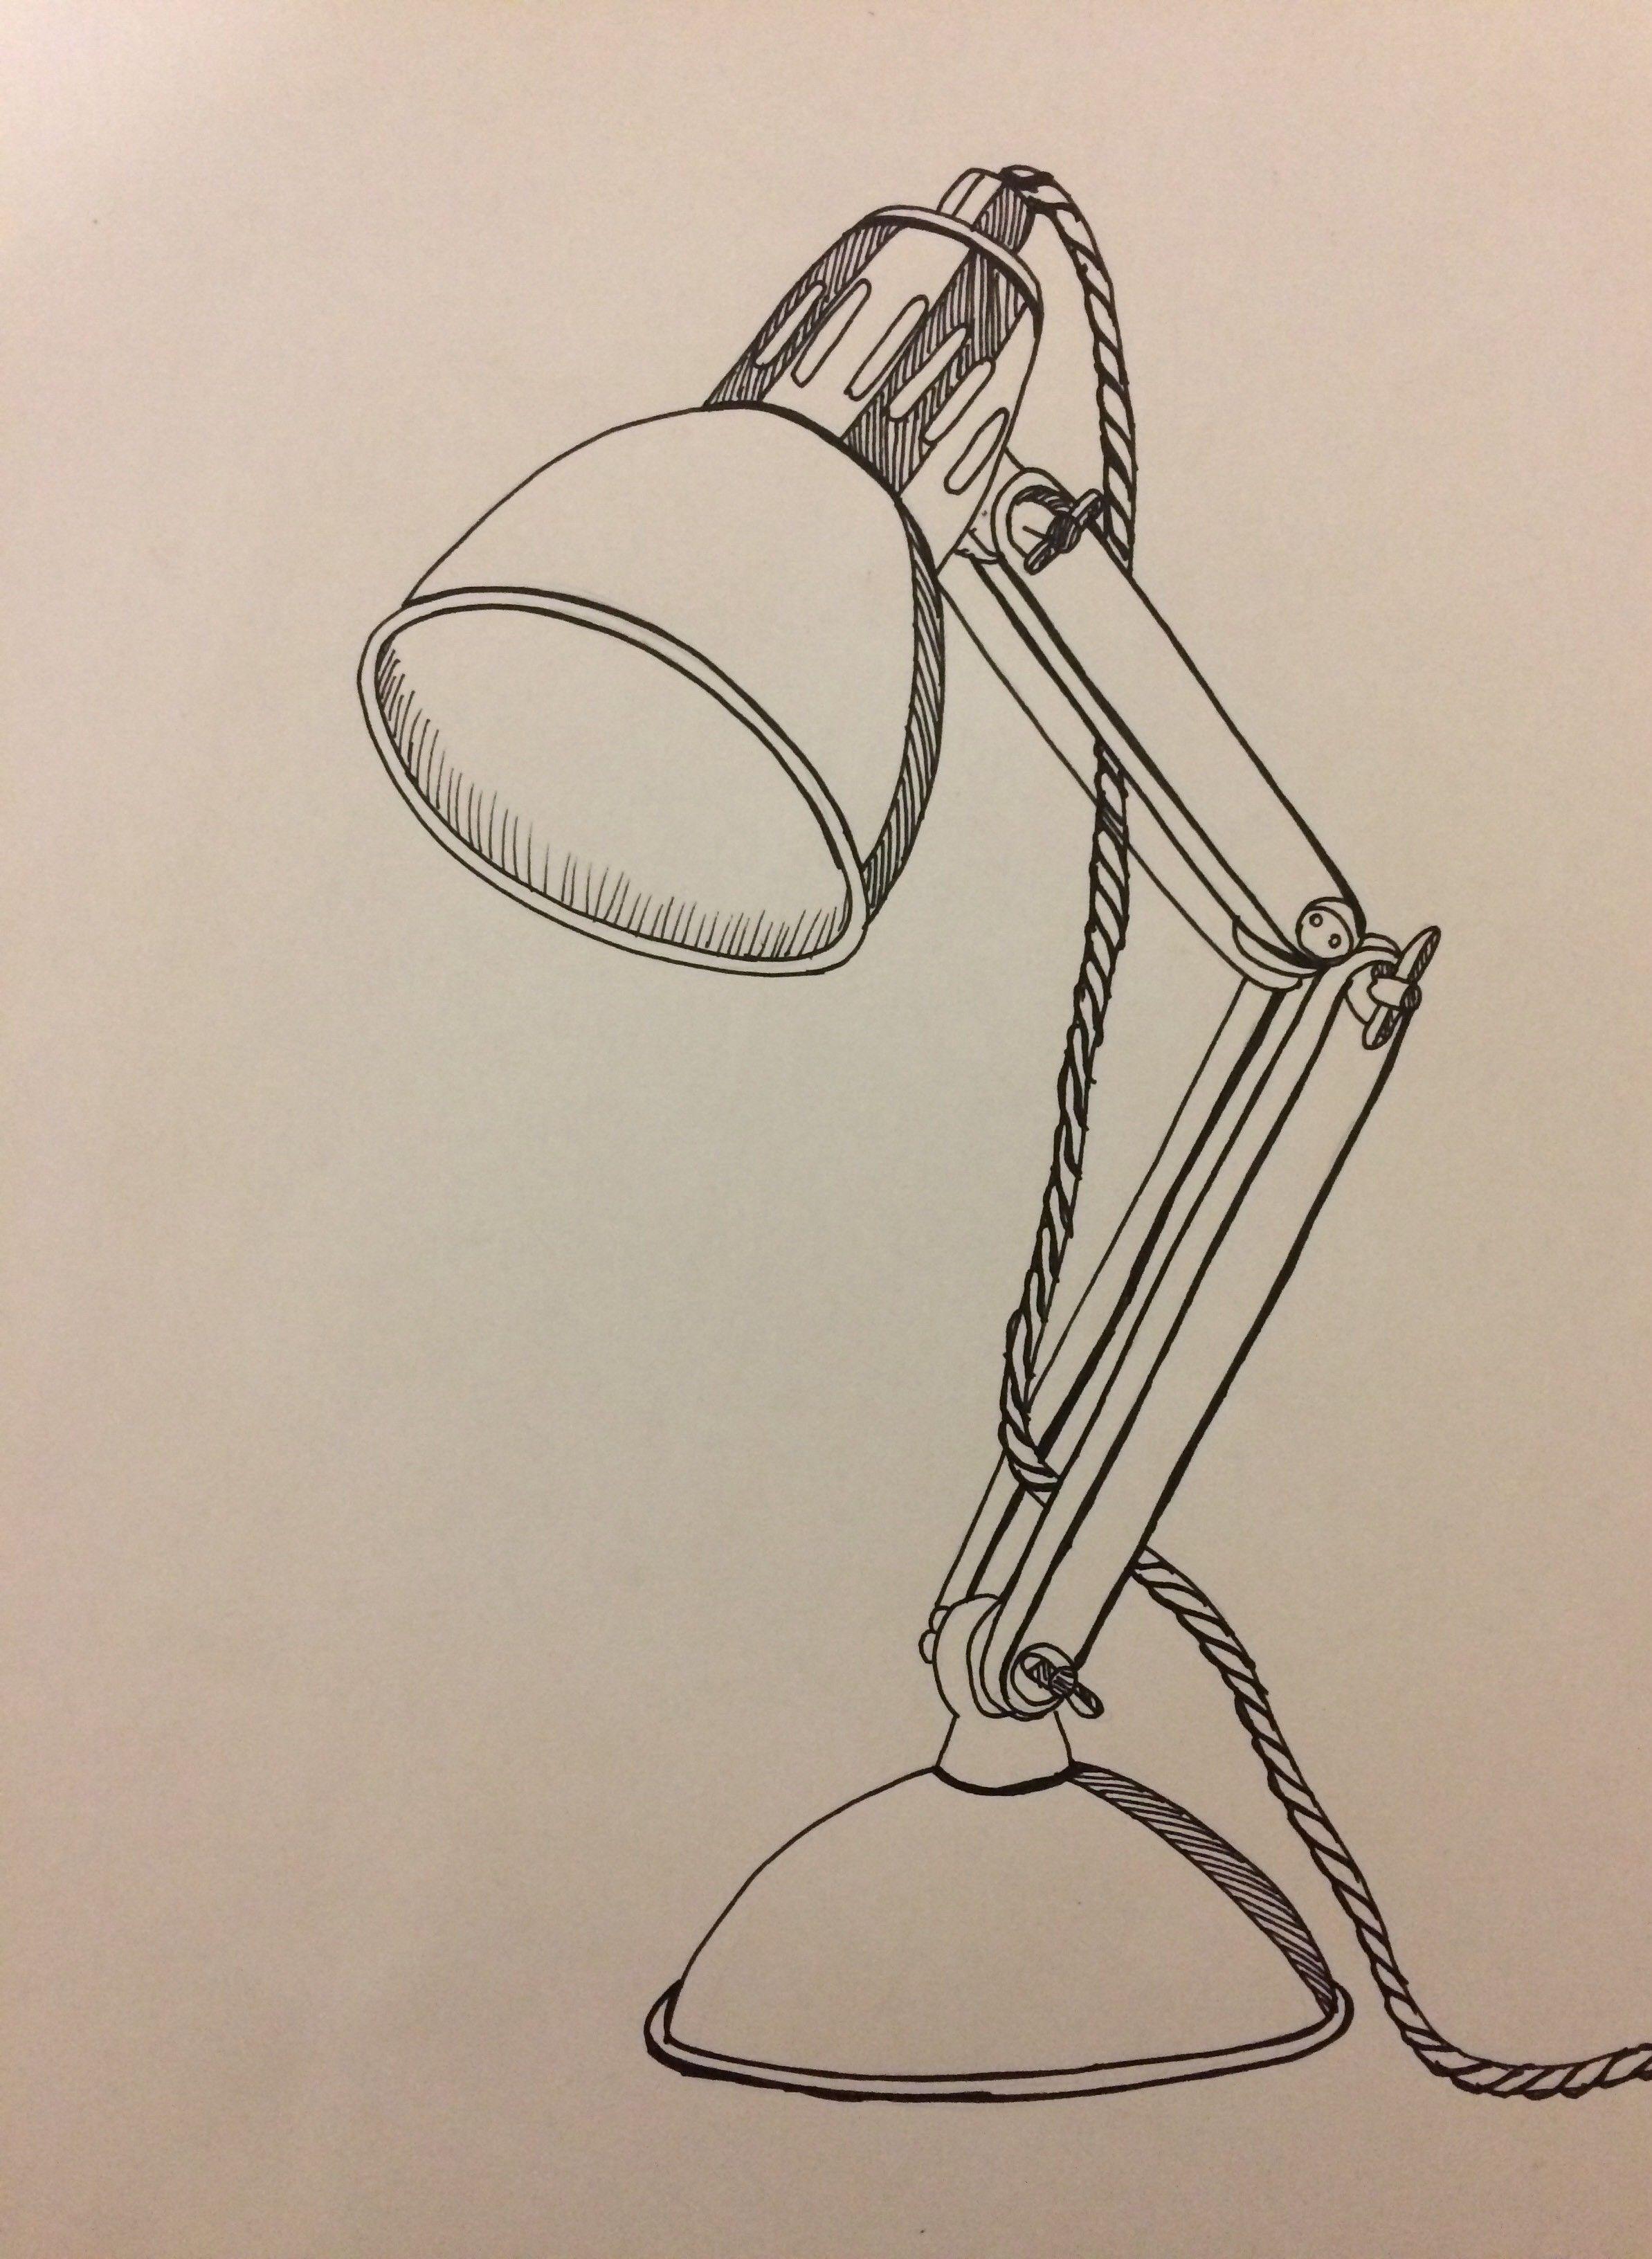 Day 15 Desk Lamp Fine Liner Desk Lamp Liner Day